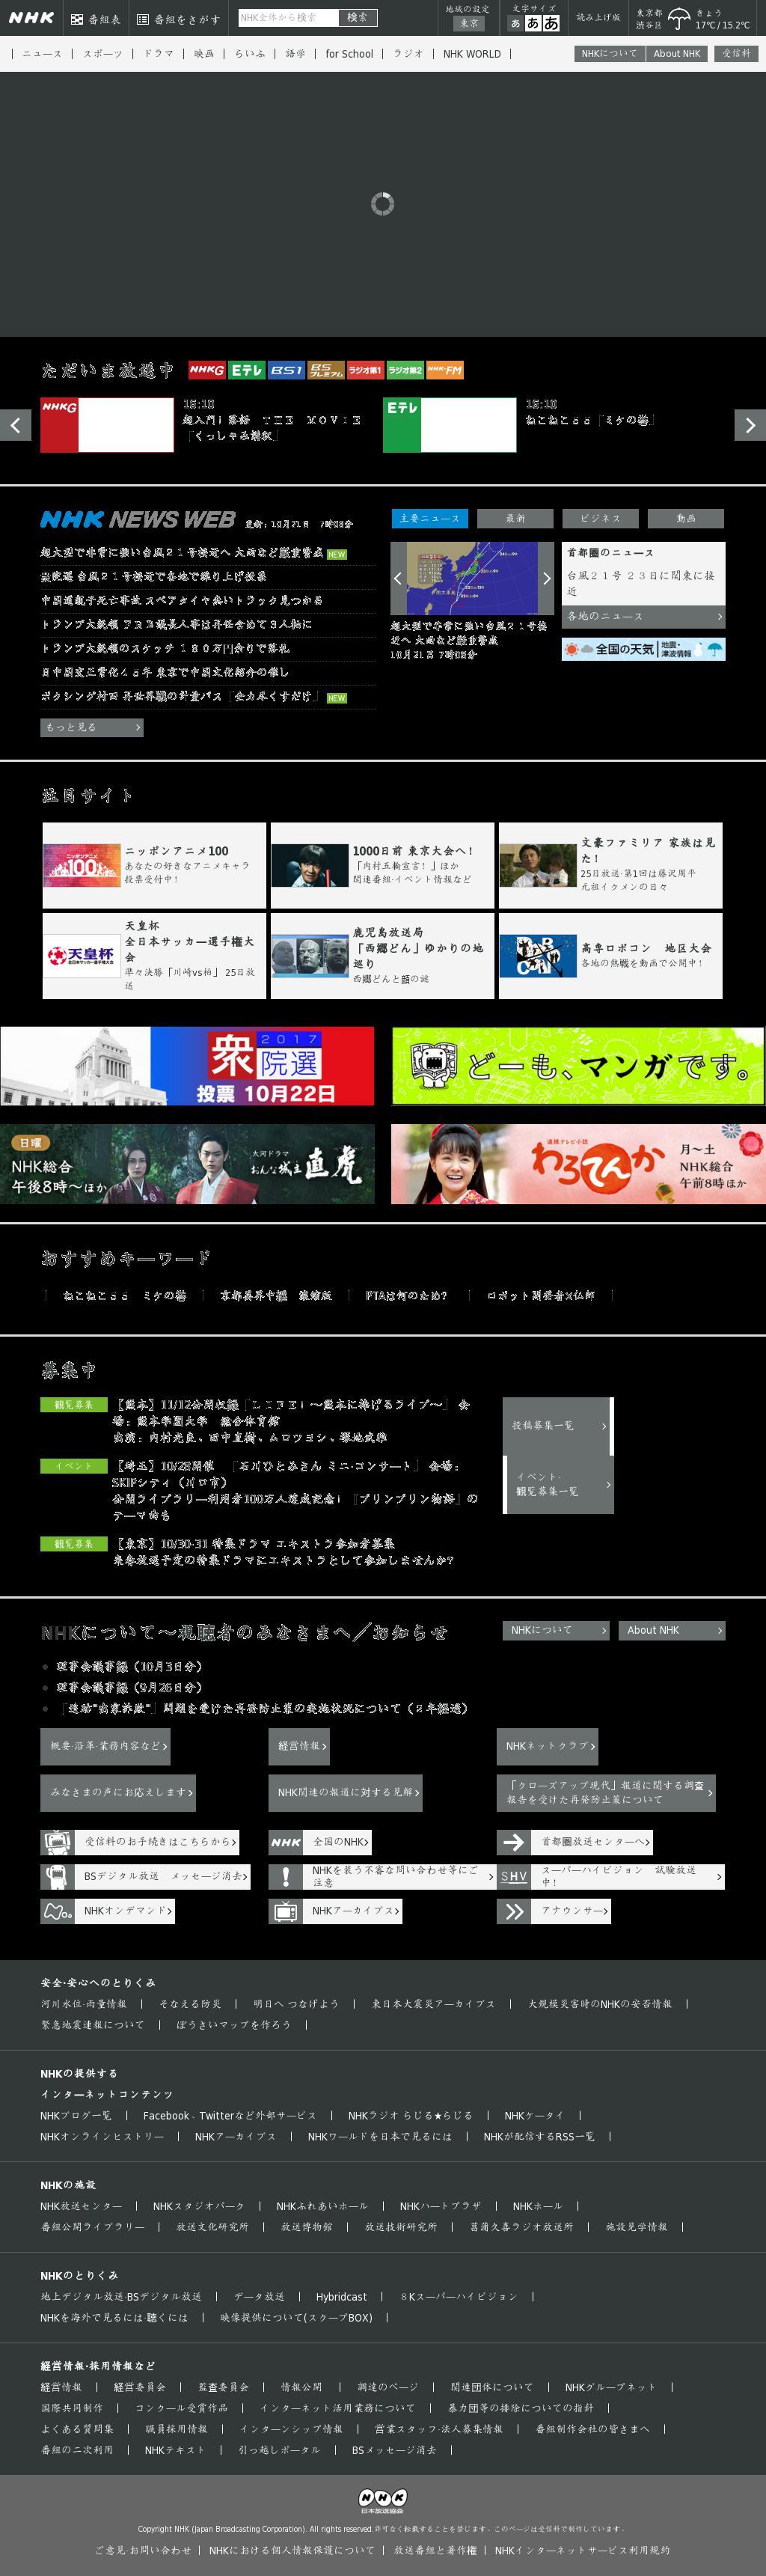 NHK Online at Saturday Oct. 21, 2017, 7:11 a.m. UTC